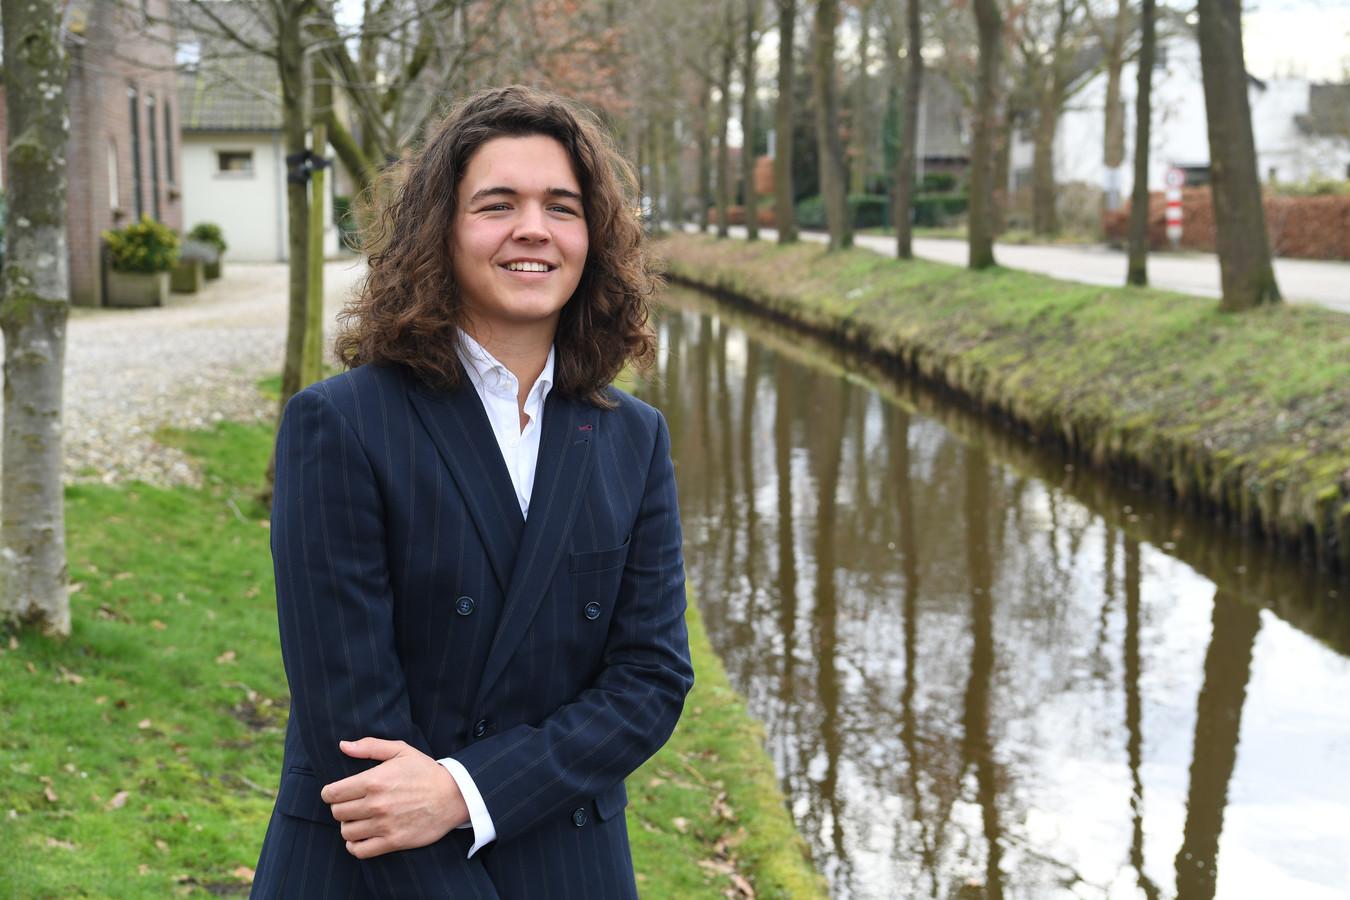 Sem Rozendaal uit 's Gravenmoer, eerder bekroond tot de Strot van Oosterhout, doet mee met The Voice. Hij zit inmiddels bij de laatste zeven kandidaten.